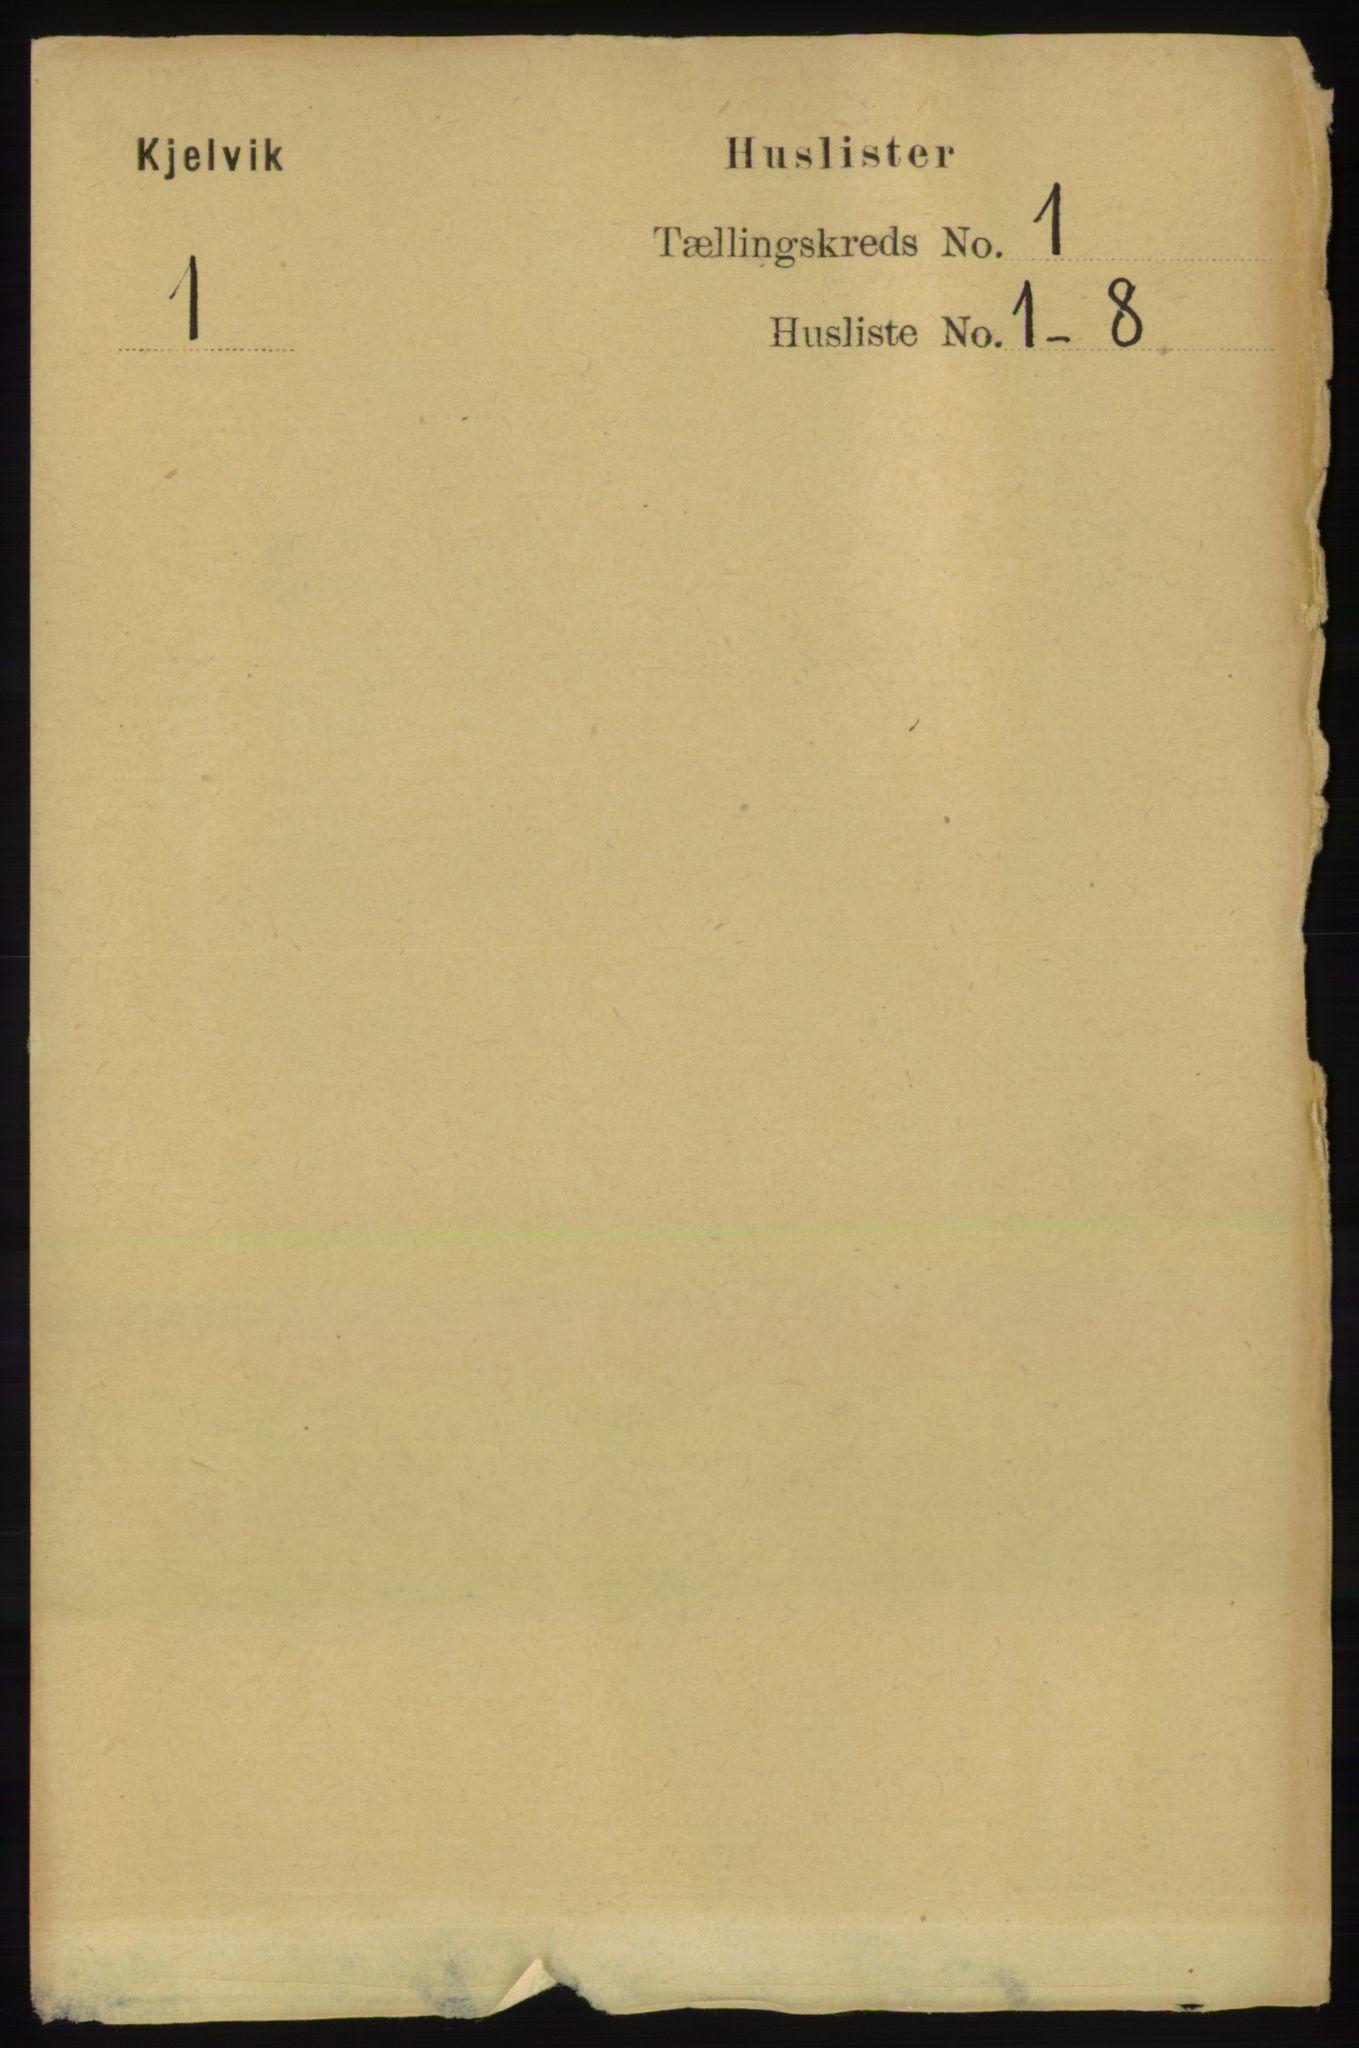 RA, Folketelling 1891 for 2019 Kjelvik herred, 1891, s. 25